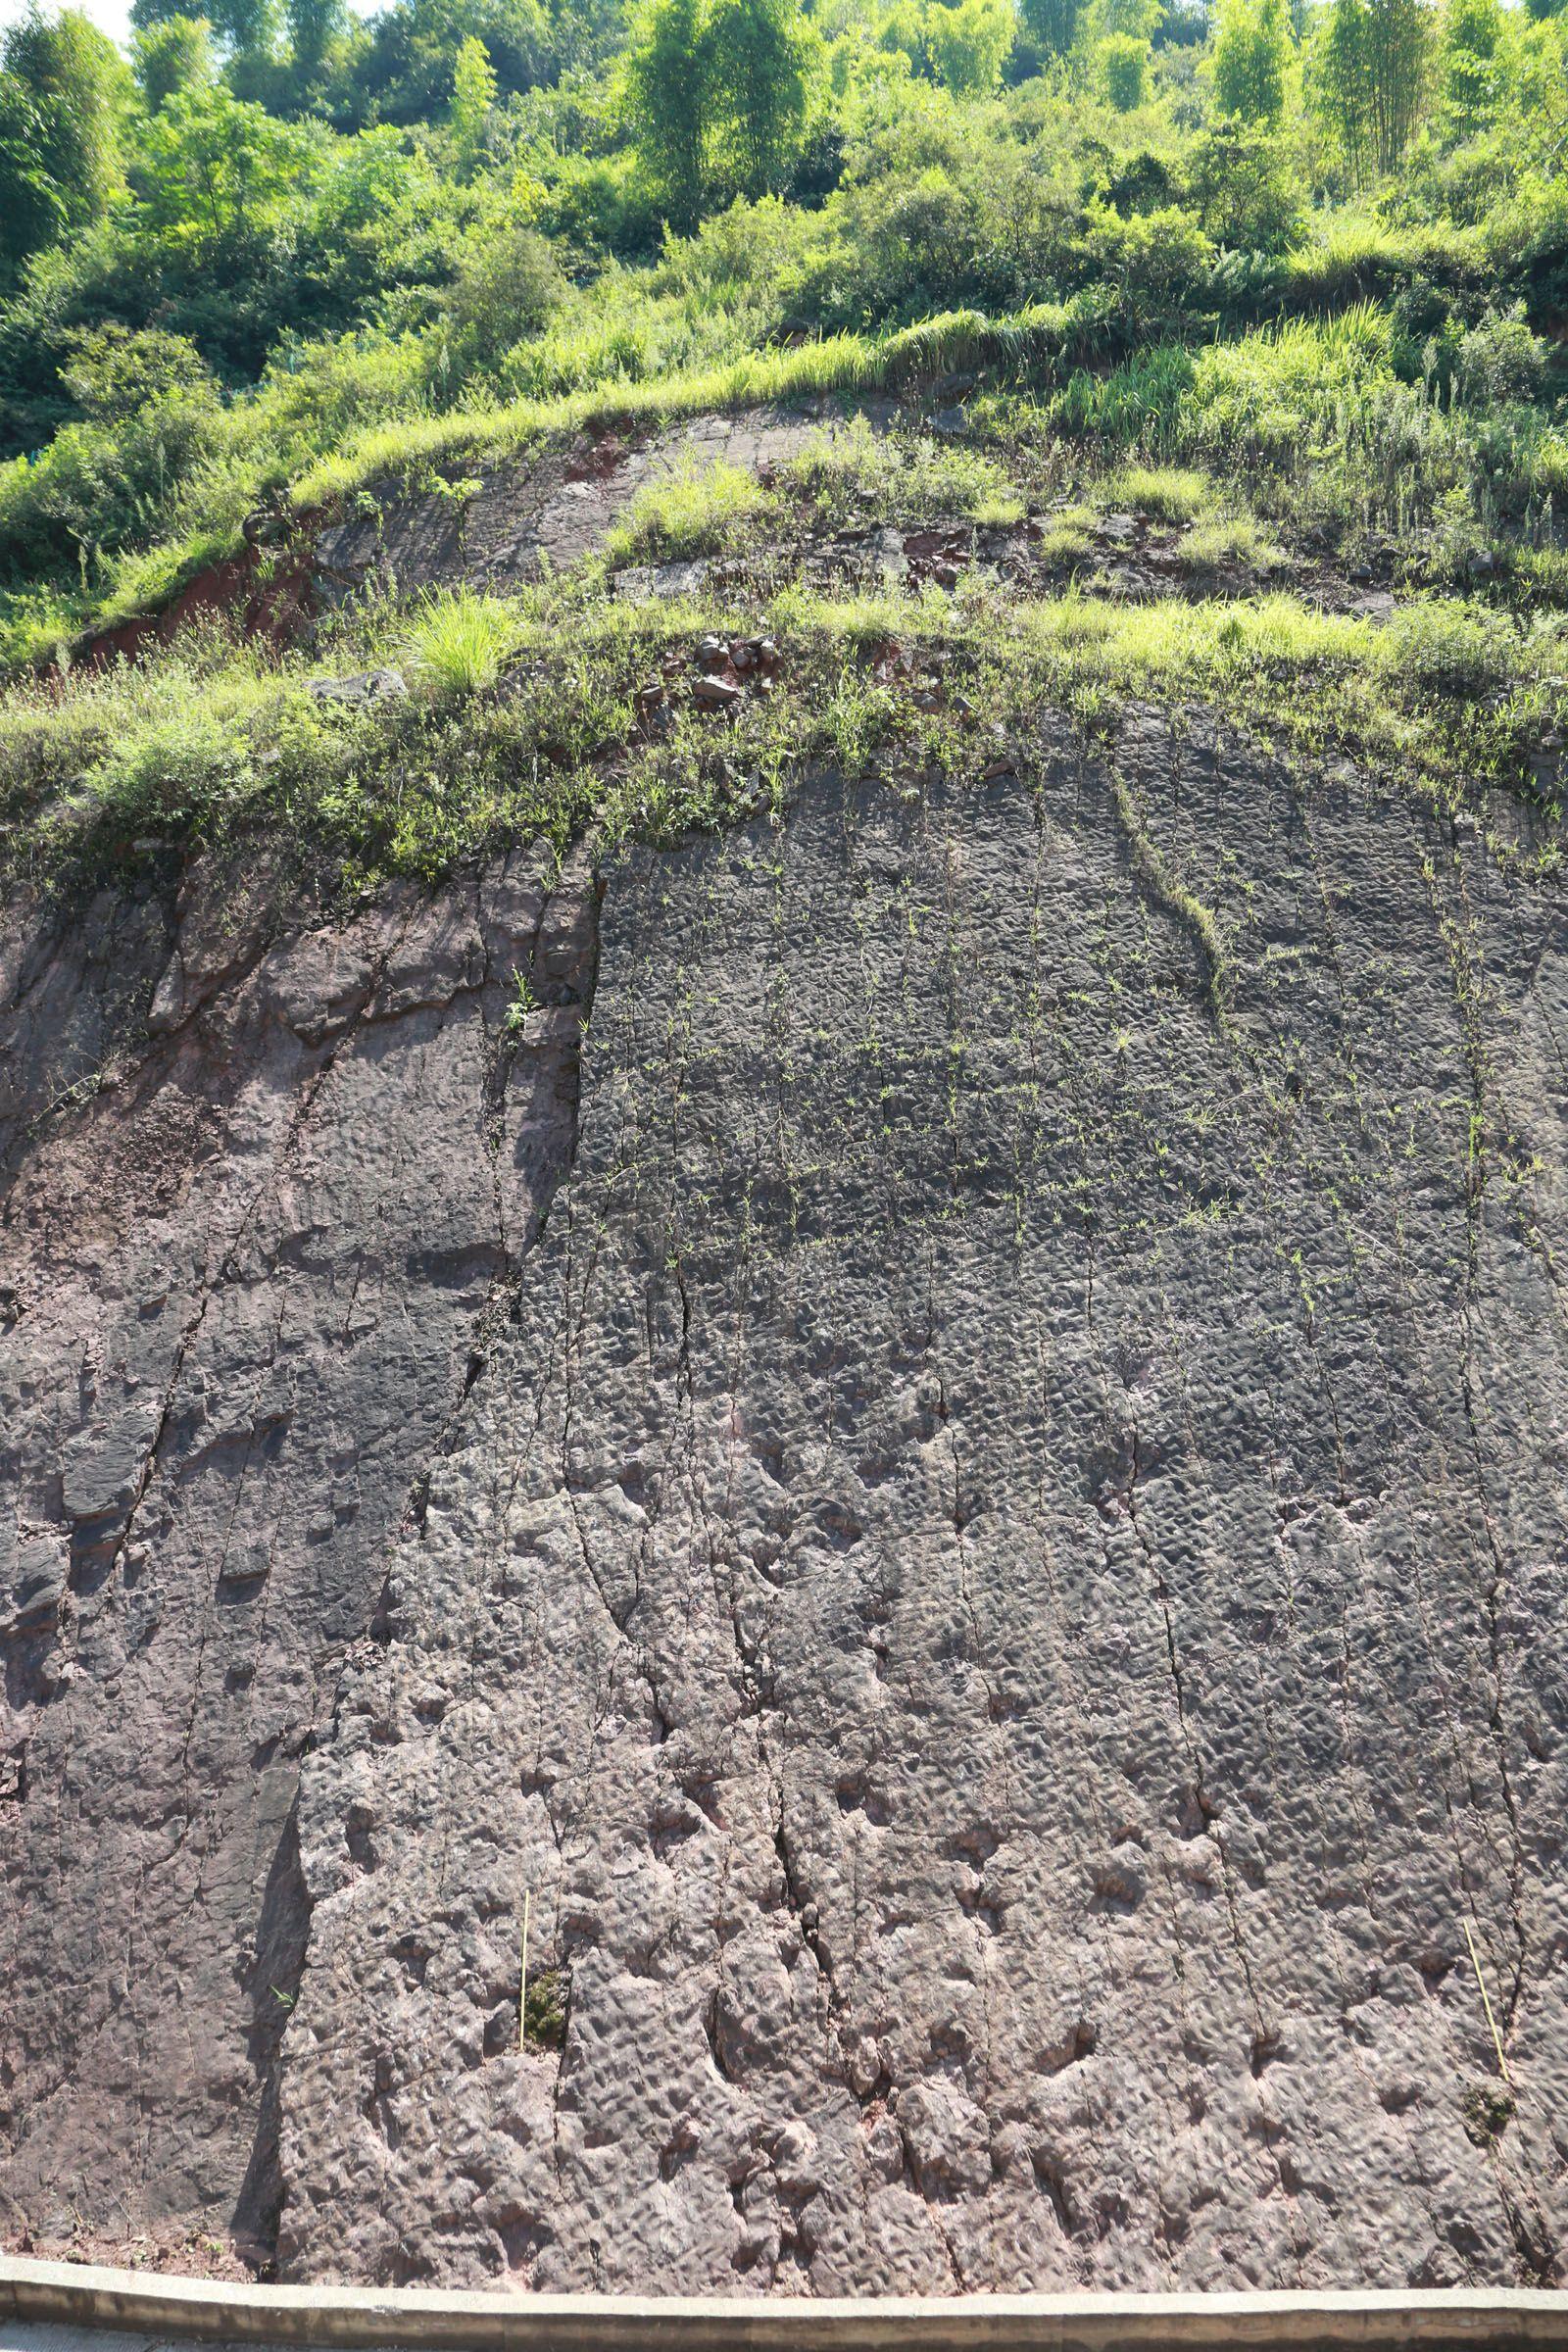 茅台镇发现250个侏罗纪早期恐龙足迹 距今约1.8至1.9亿年